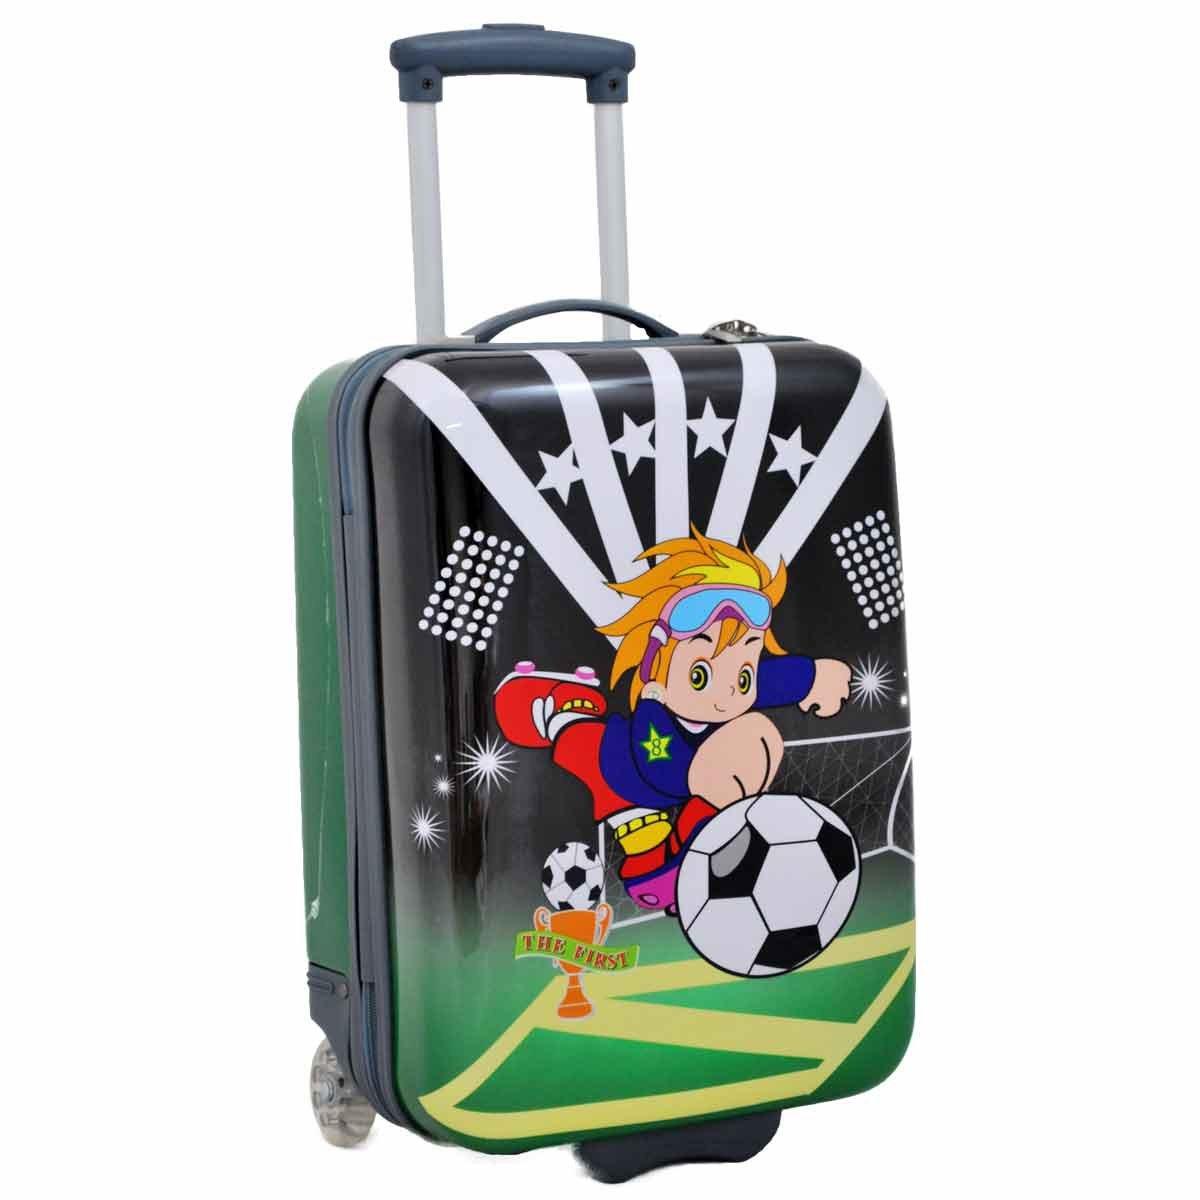 valise enfant garcon